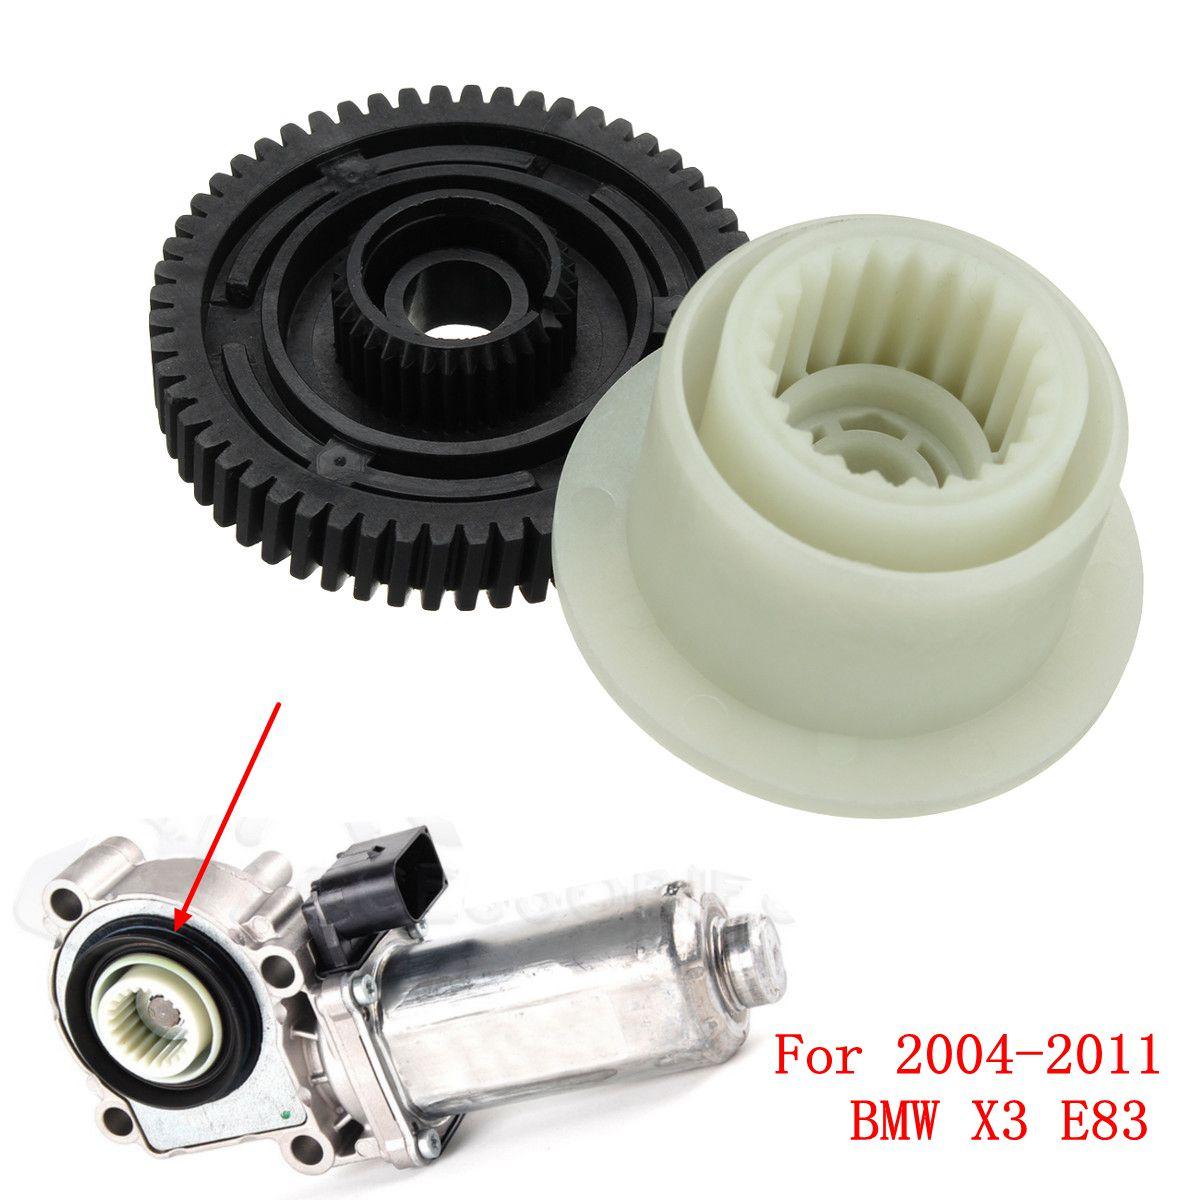 Комплект для ремонта мотора с сервоприводом для BMW X3 E83 2004-2011, 2 шт.